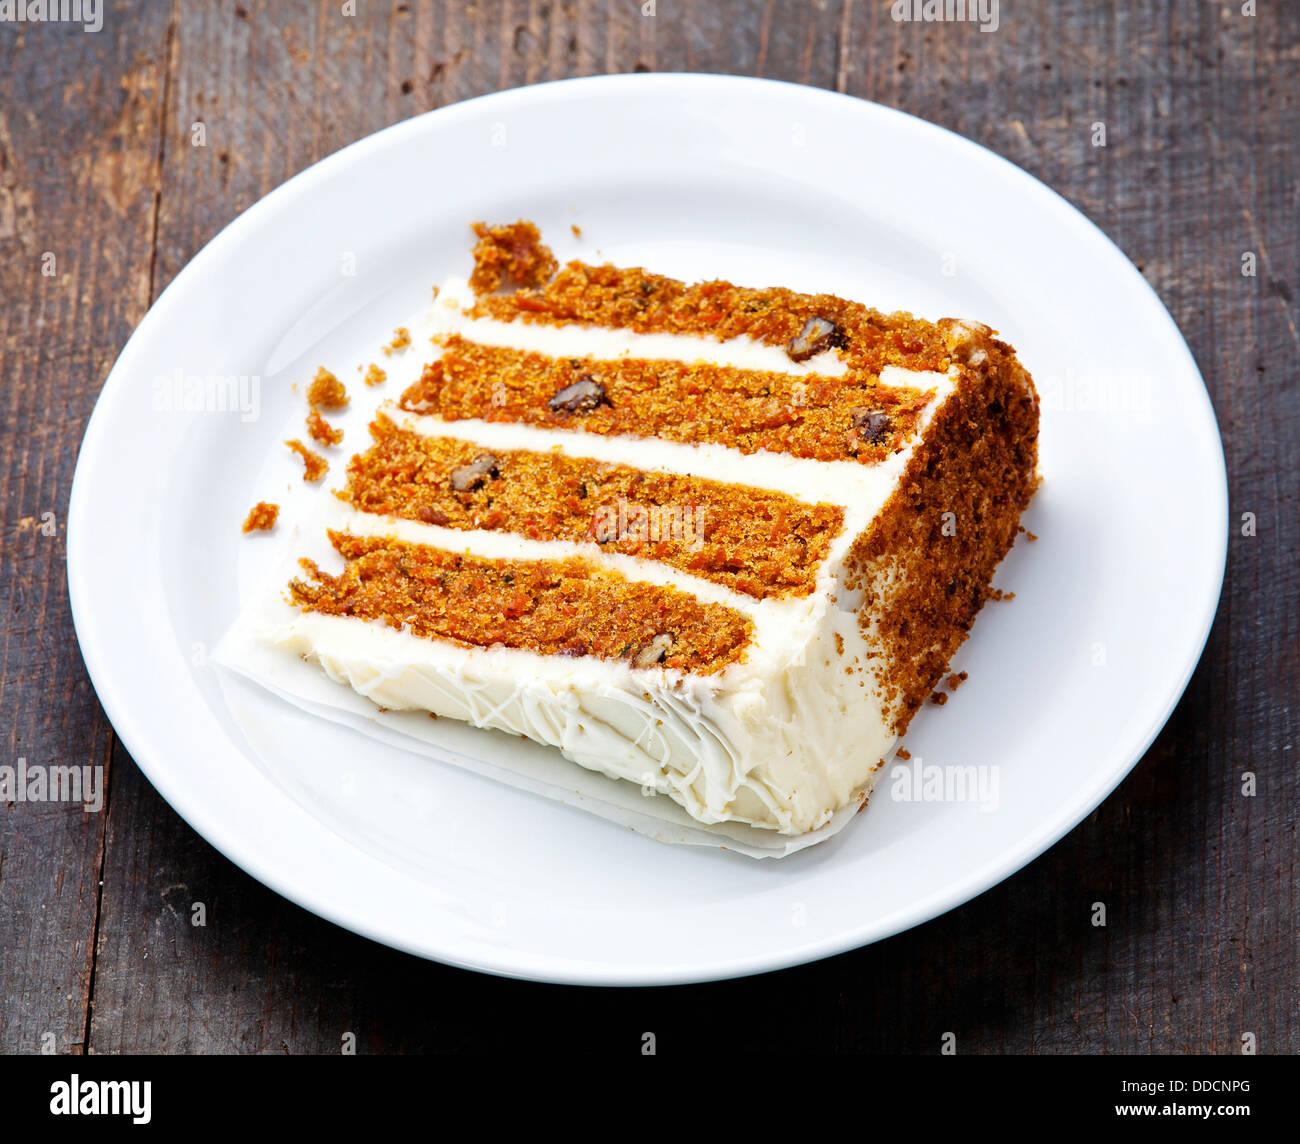 Fetta di torta di carote su sfondo di legno Immagini Stock